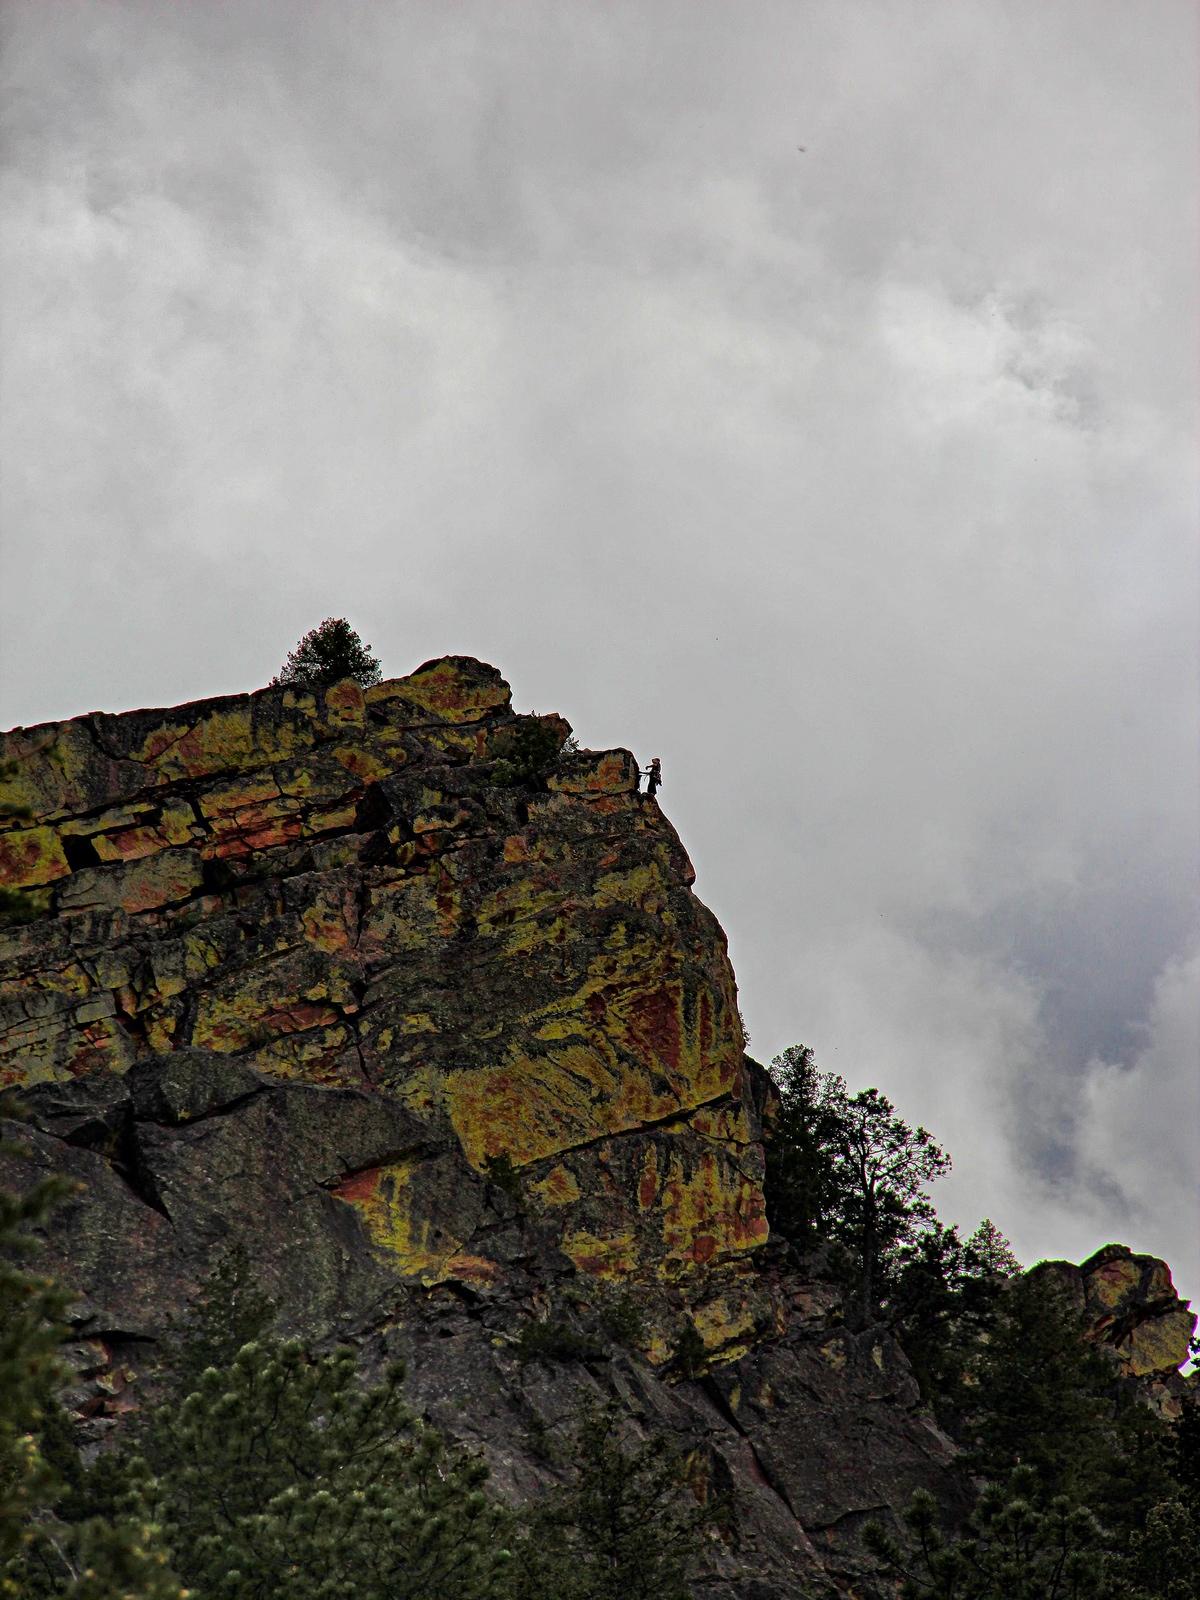 colorado, eldorado canyon state park, the bastille, climber, views, , photo